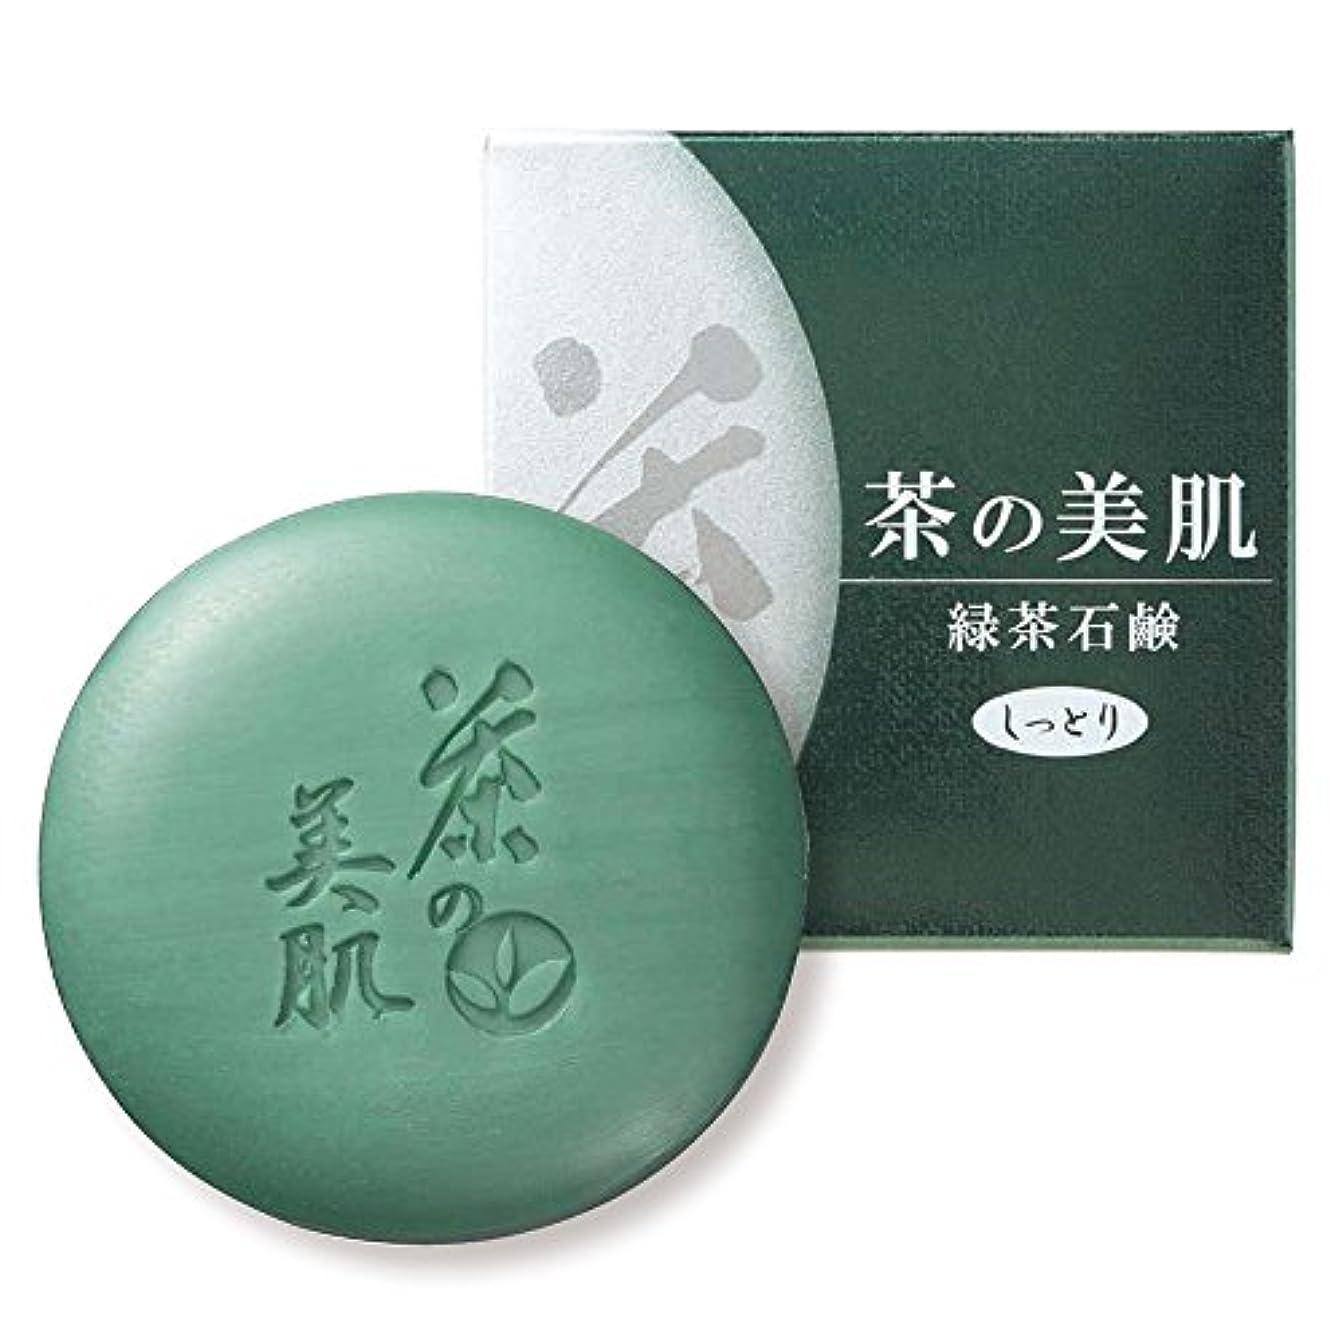 有効な十分ではない爪お茶村 洗顔 茶の美肌 緑茶 石鹸 65g